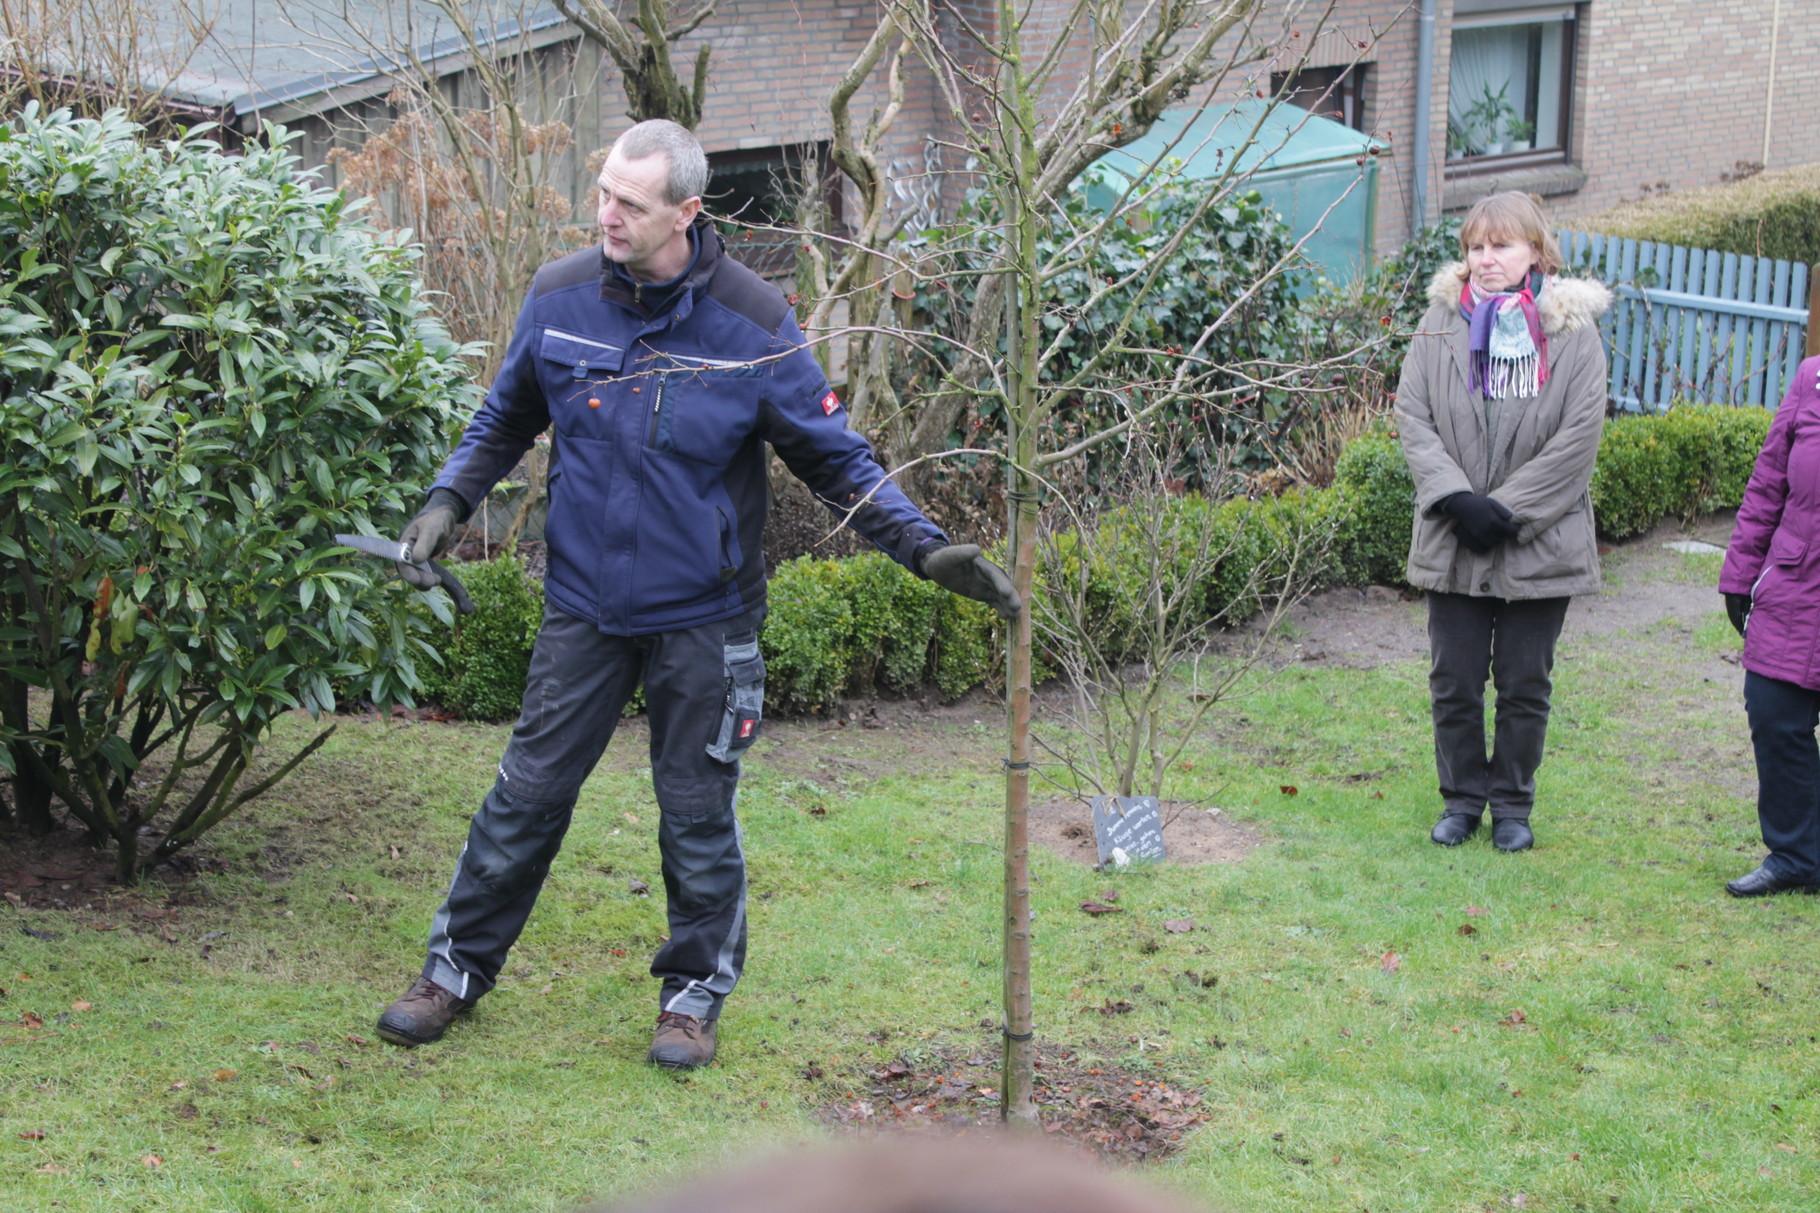 Am Zierapfel erklärt Torsten Hennings zunächst die Wuchshöhen der heutigen Apfelbäume und das trotz angegebener Wuchshöhe Bäume immer weiterentwickelt werden können.